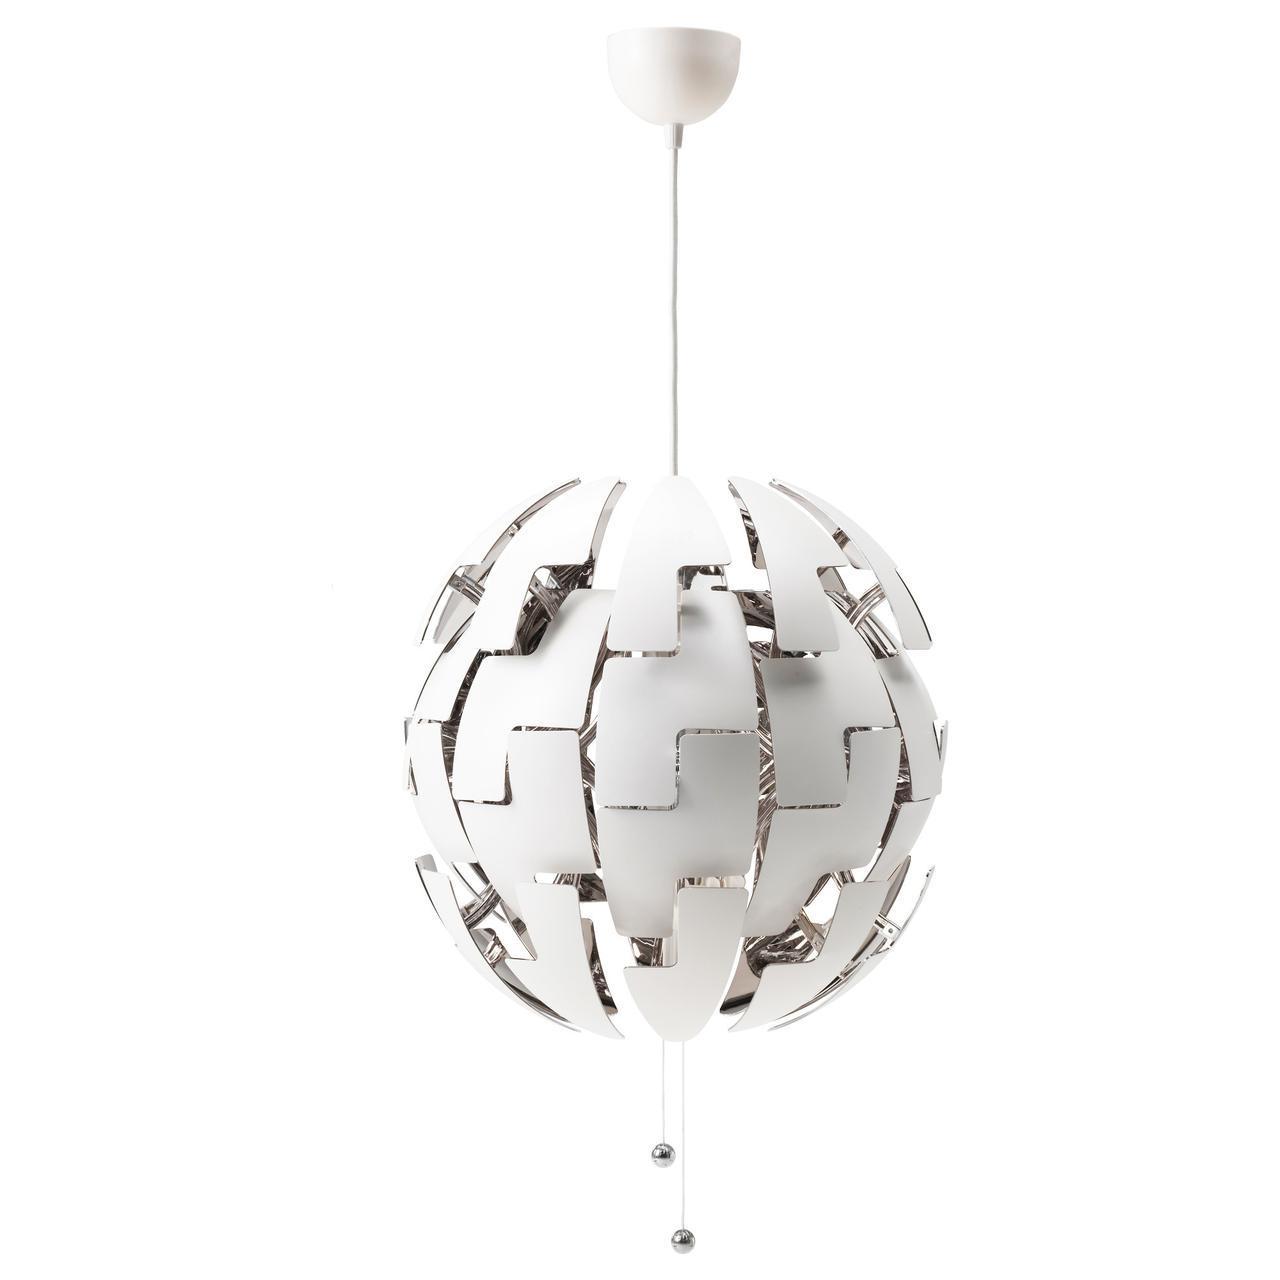 IKEA IKEA PS 2014 (203.049.01)Подвесной светильник, белый, серебристый, 52 см